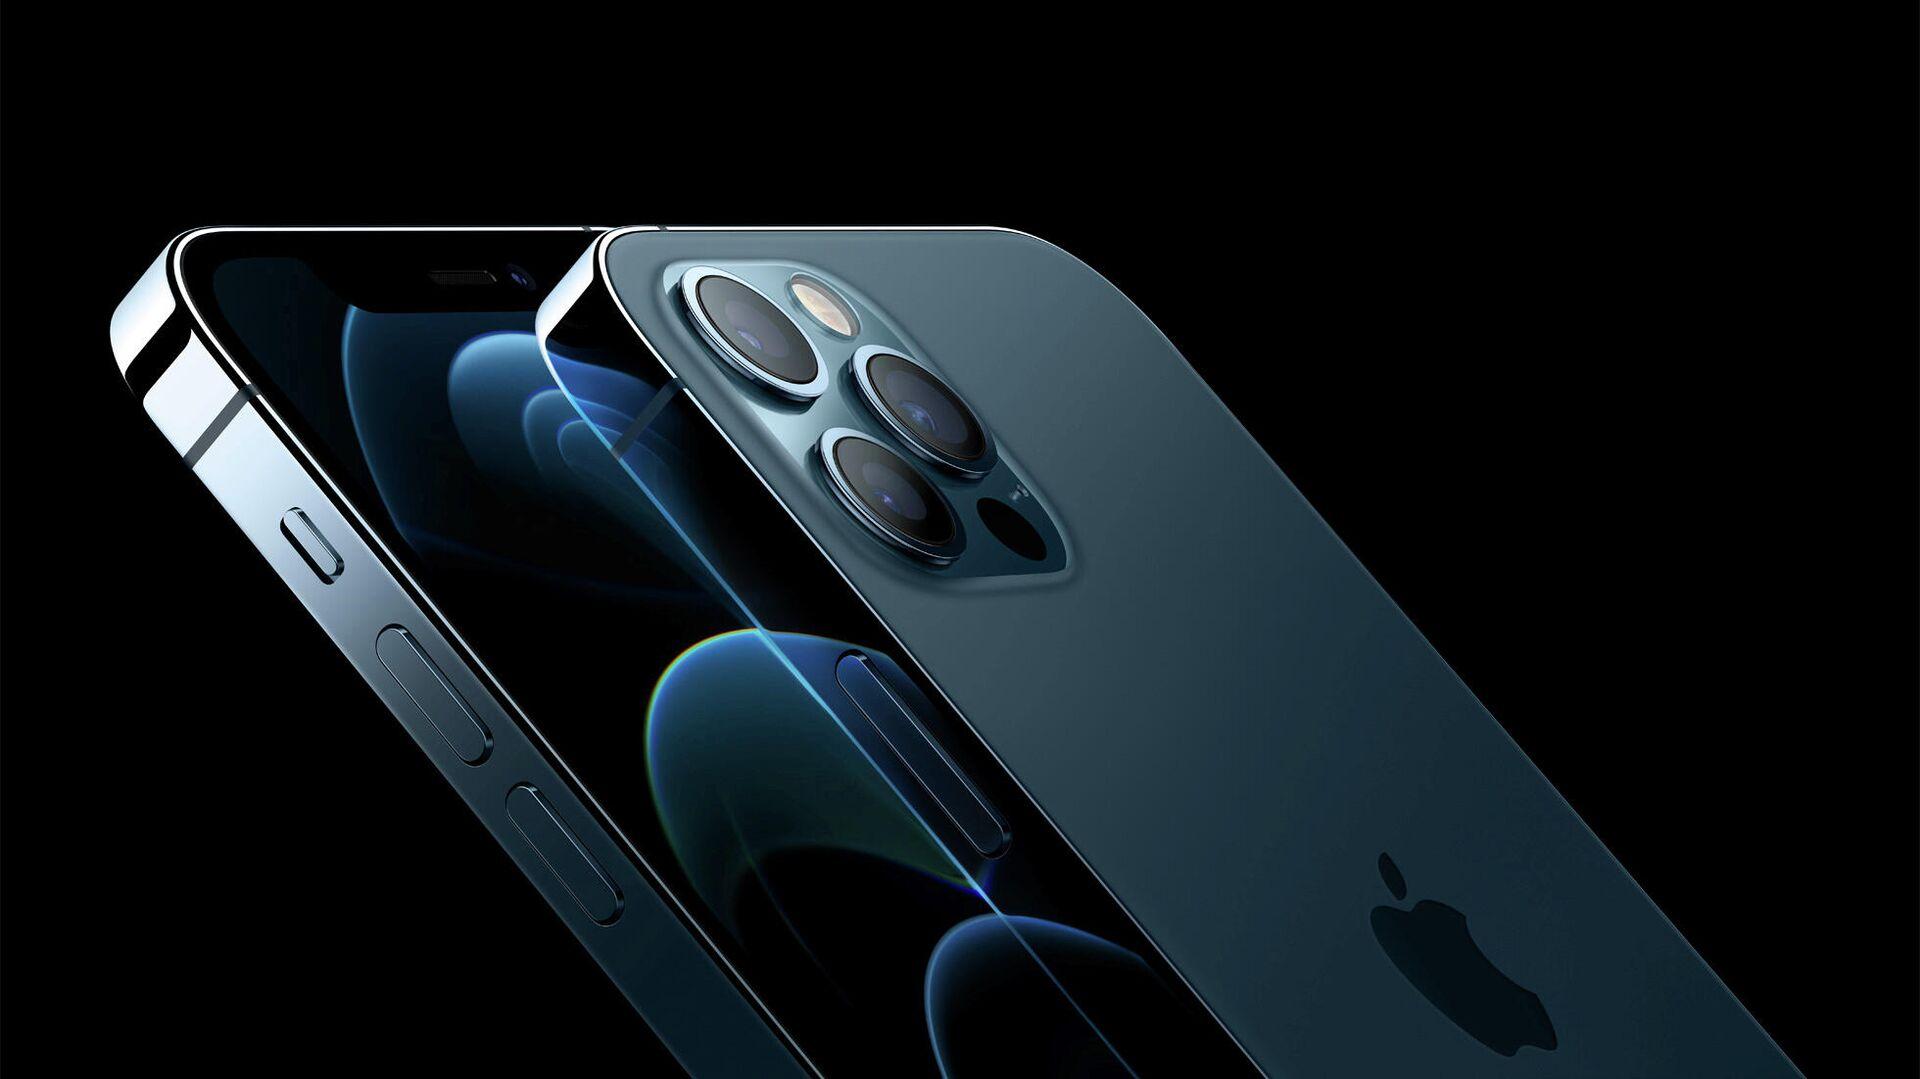 Самому крупному iPhone 12 достался уменьшенный аккумулятор